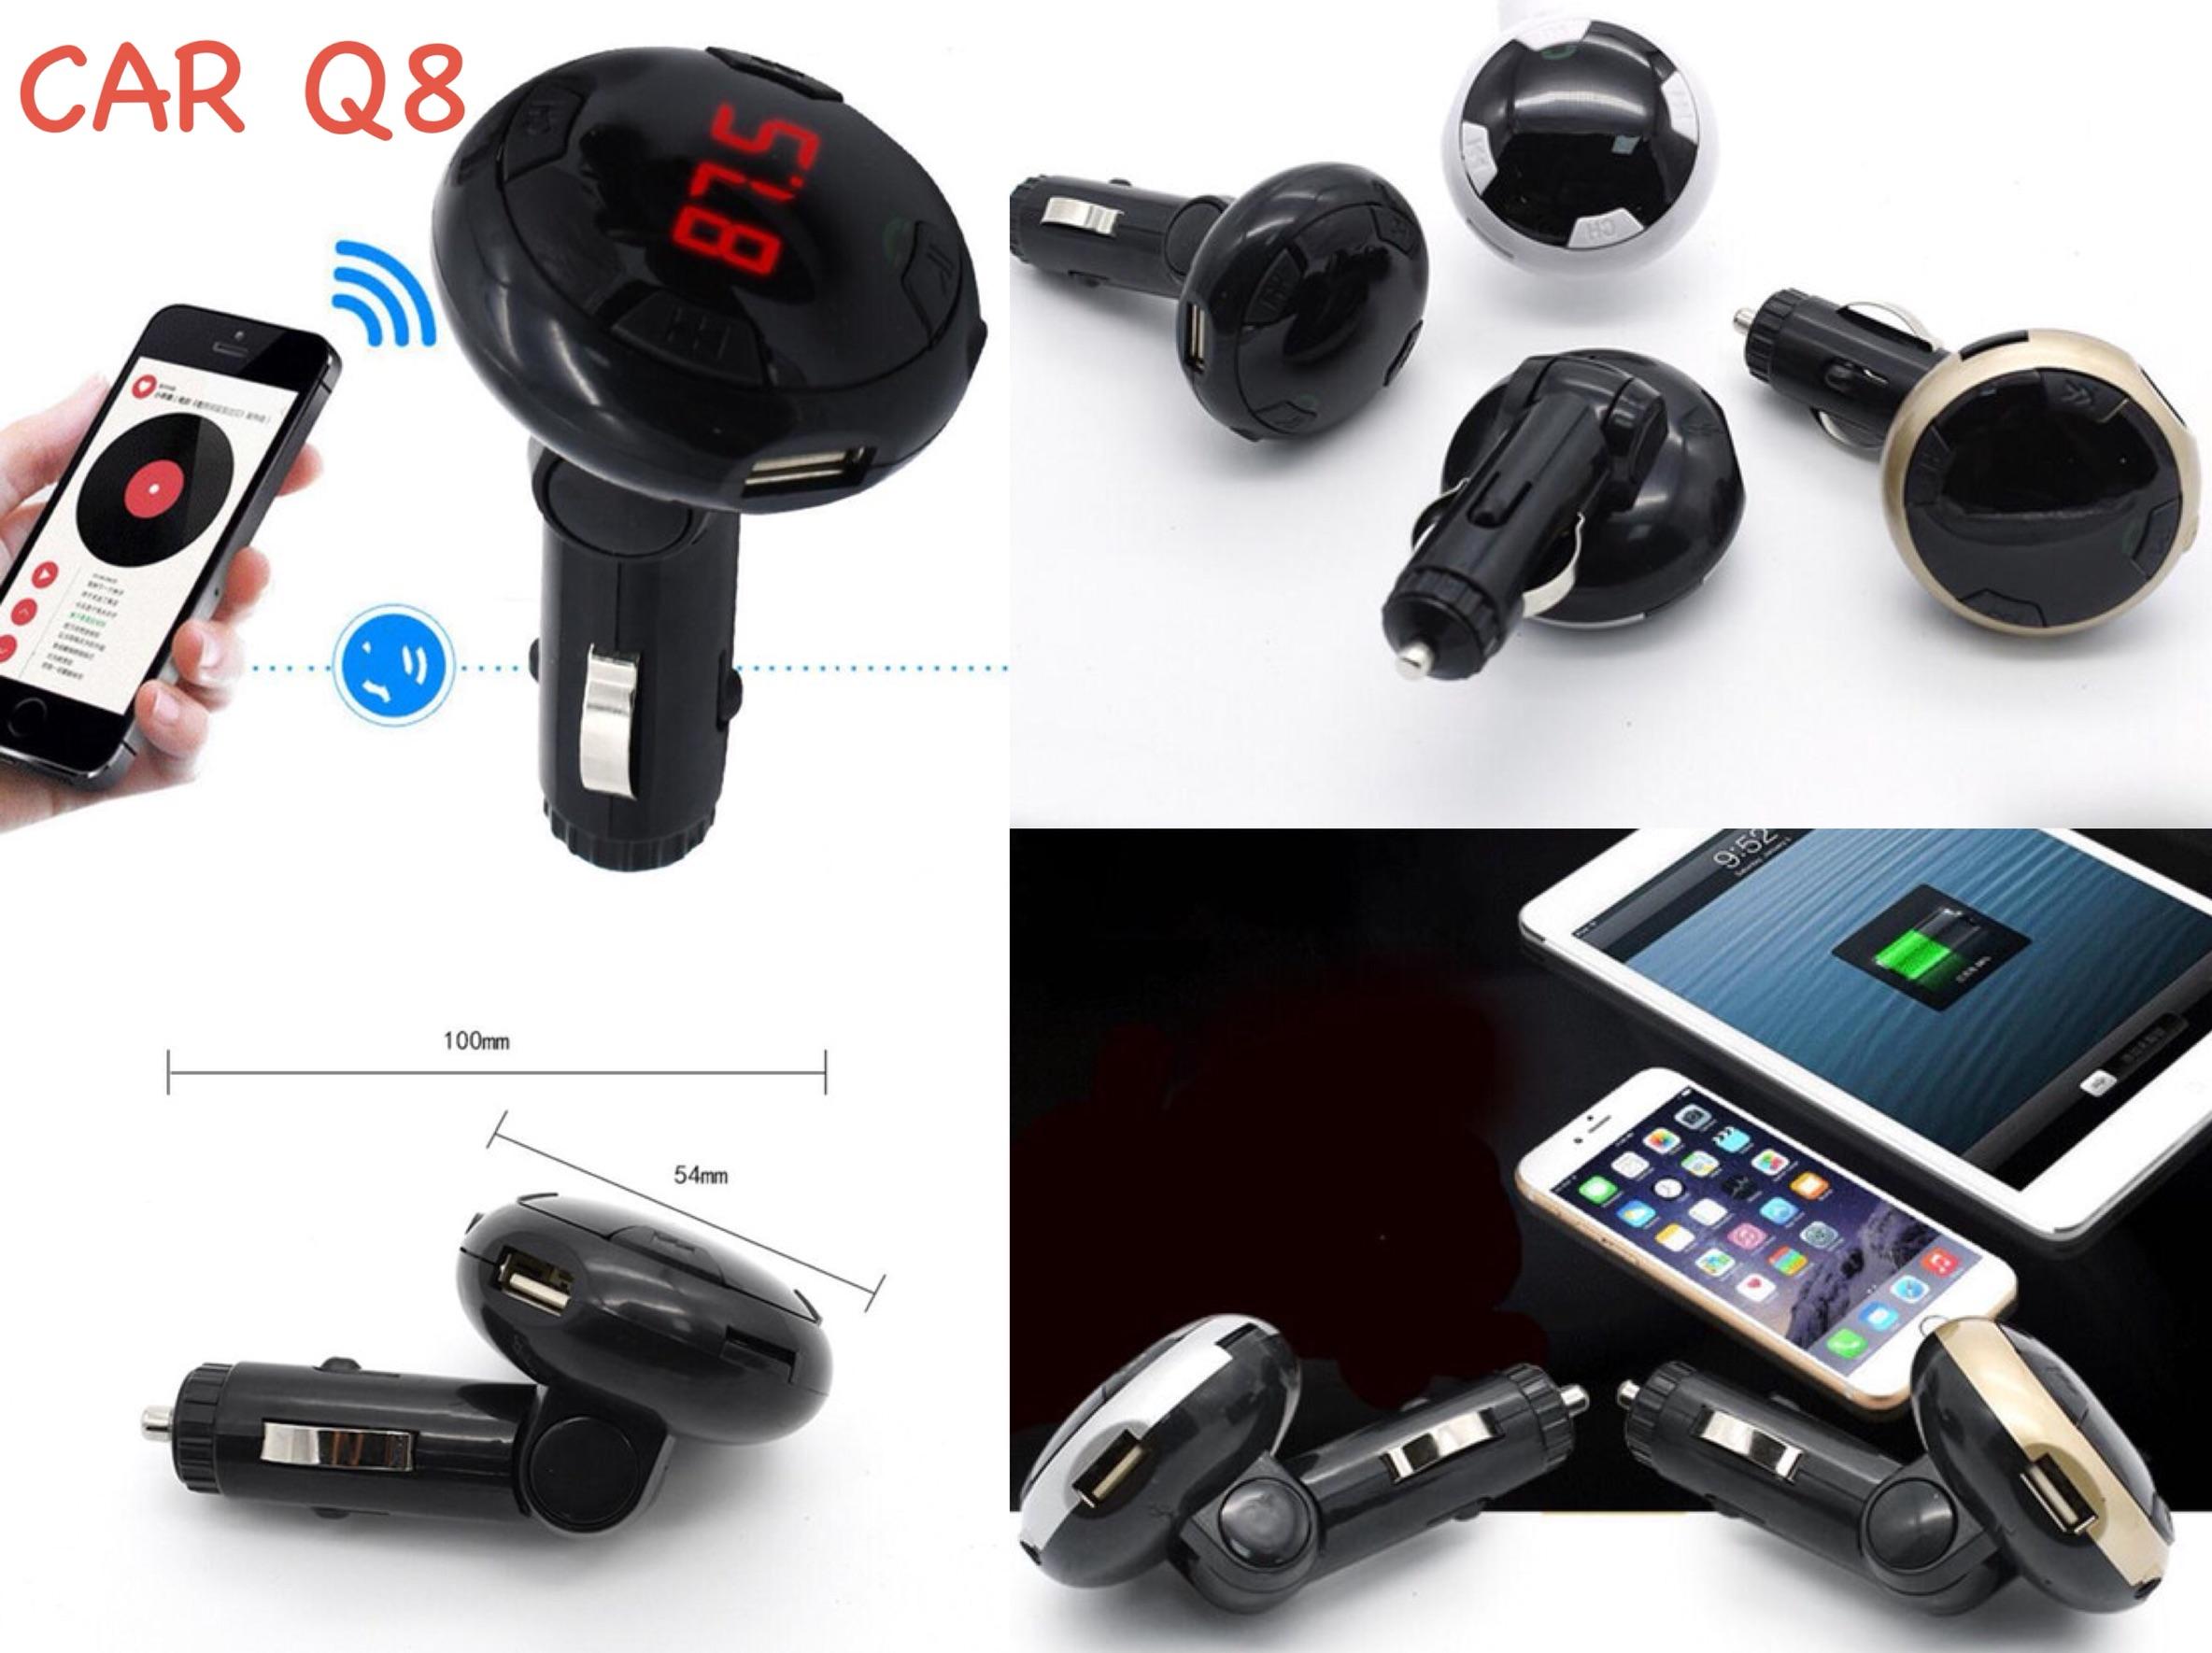 เครื่องเล่น MP3 รถยนต์ รุ่น Car Q8